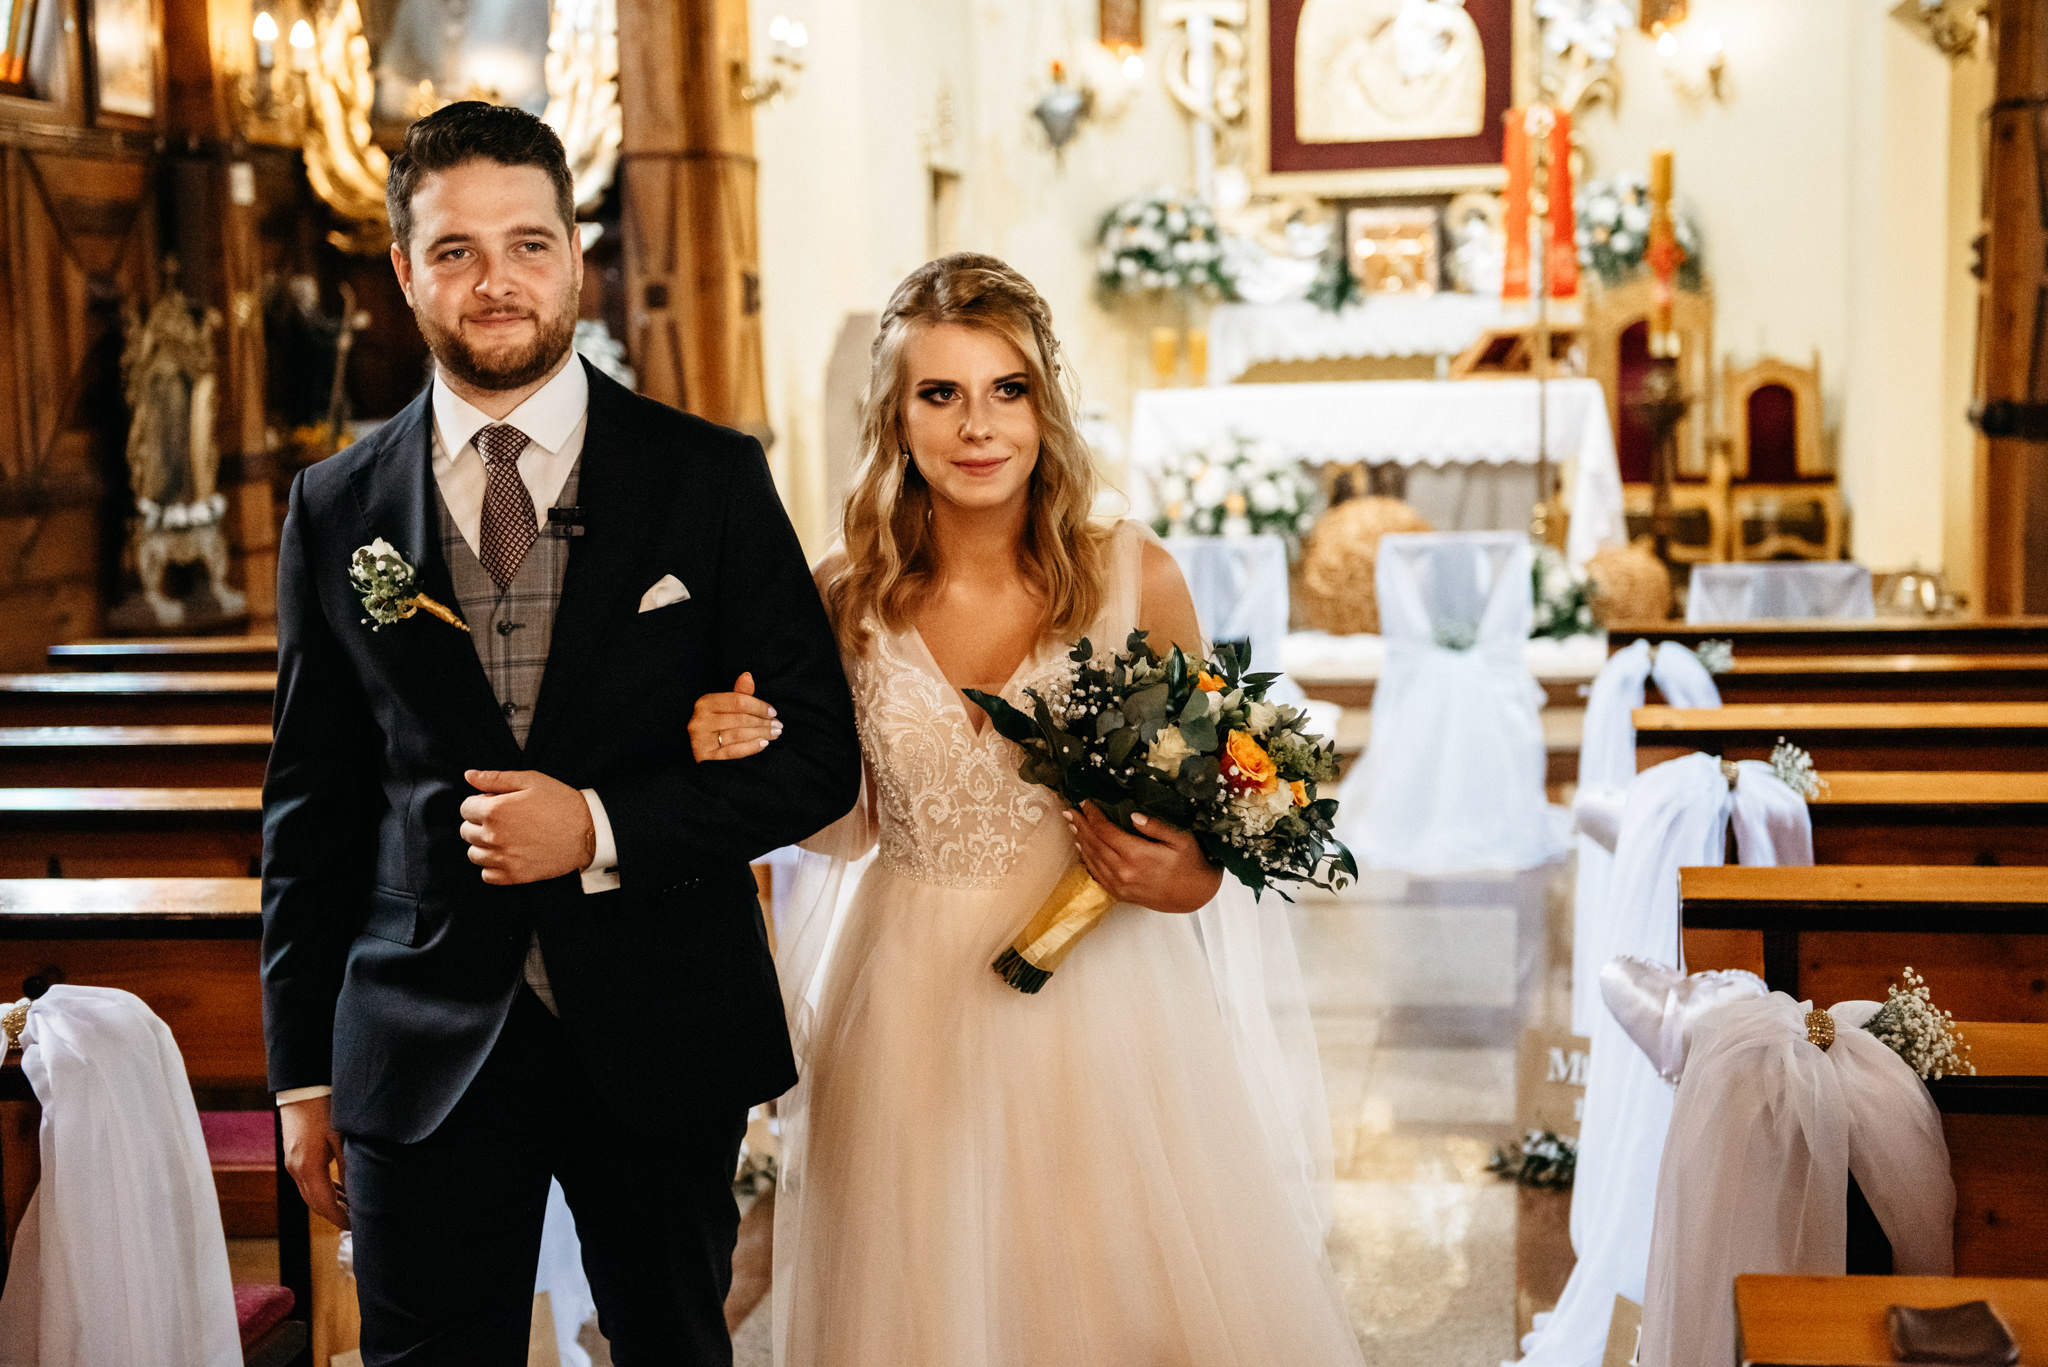 Plenerowe wesele w namiocie Ani i Maćka   Pałac w Olszanicy 39